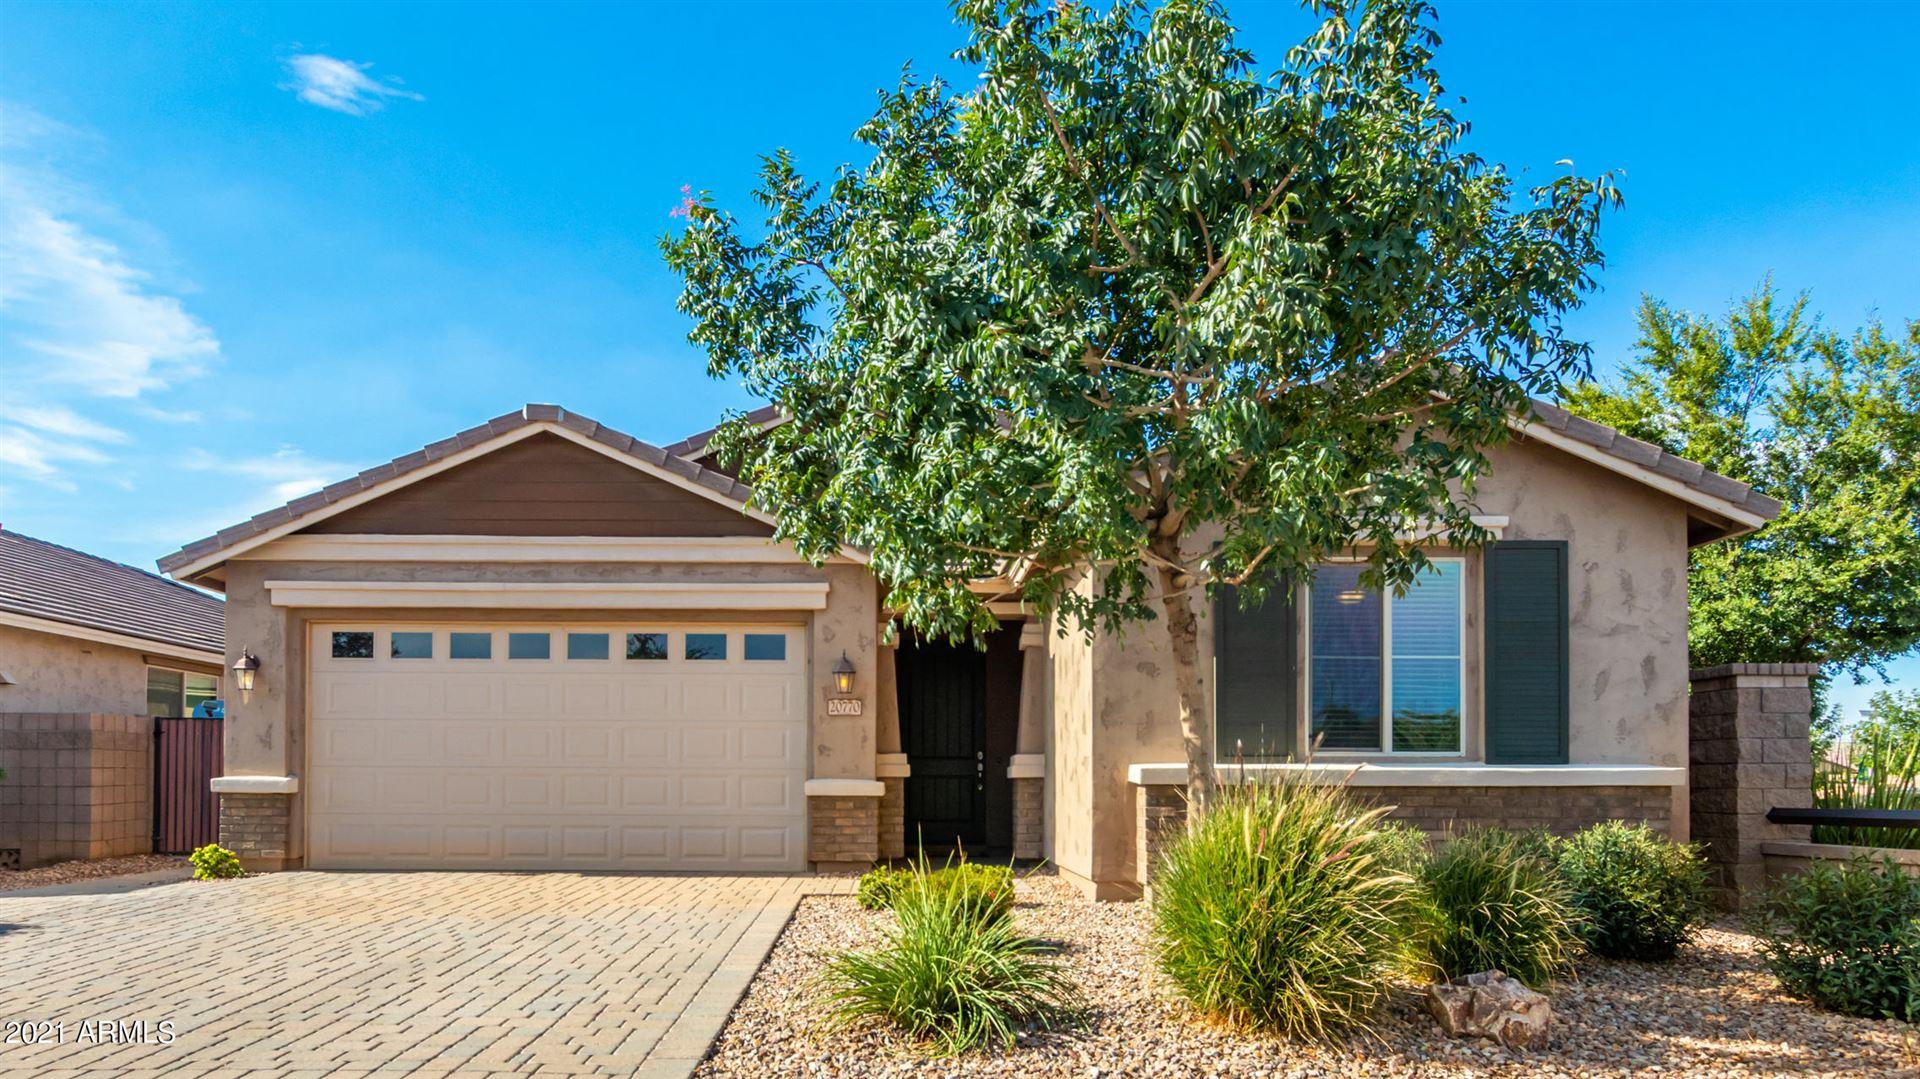 20770 E CANARY Way, Queen Creek, AZ 85142 - MLS#: 6271157